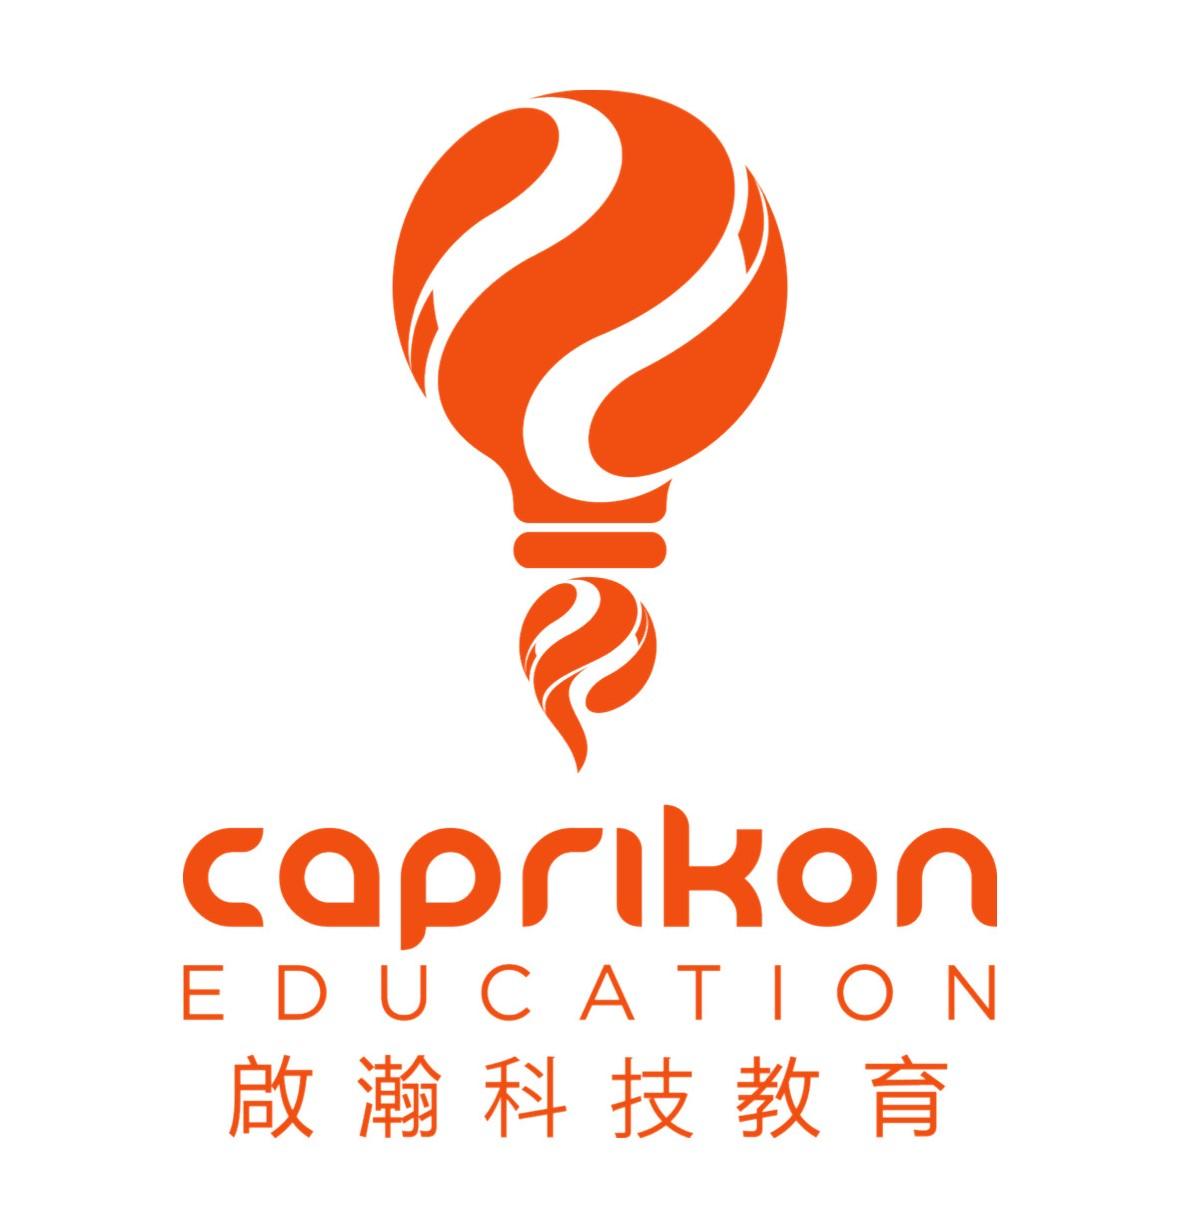 Caprikon Education (HK)